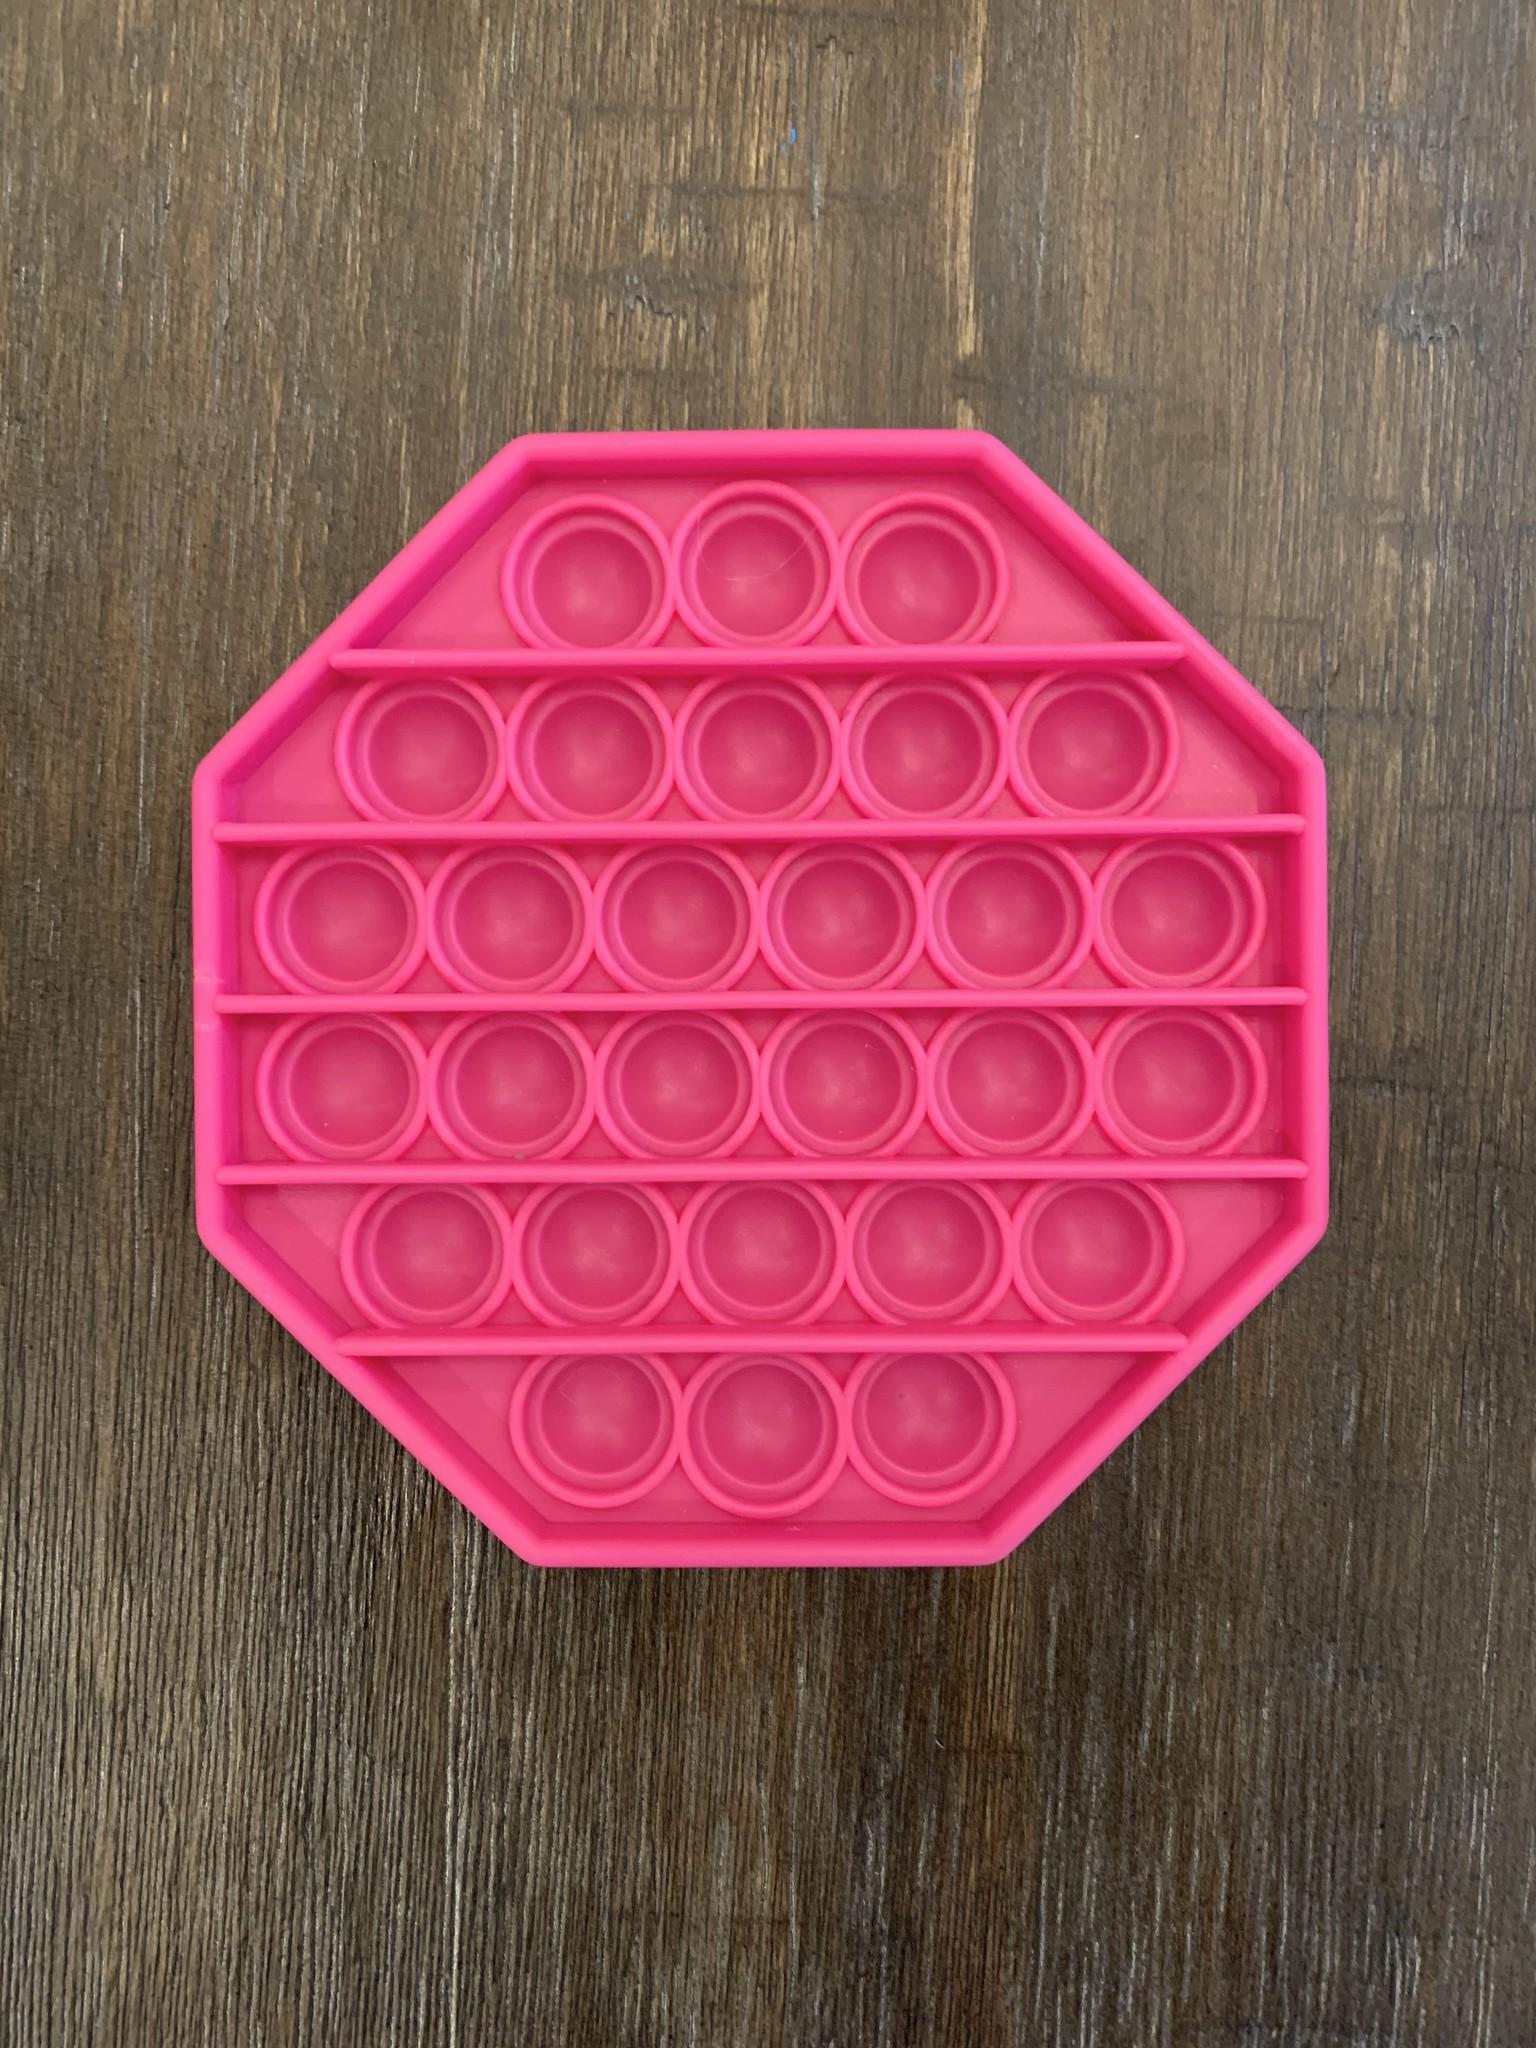 Presssssit Hexagon